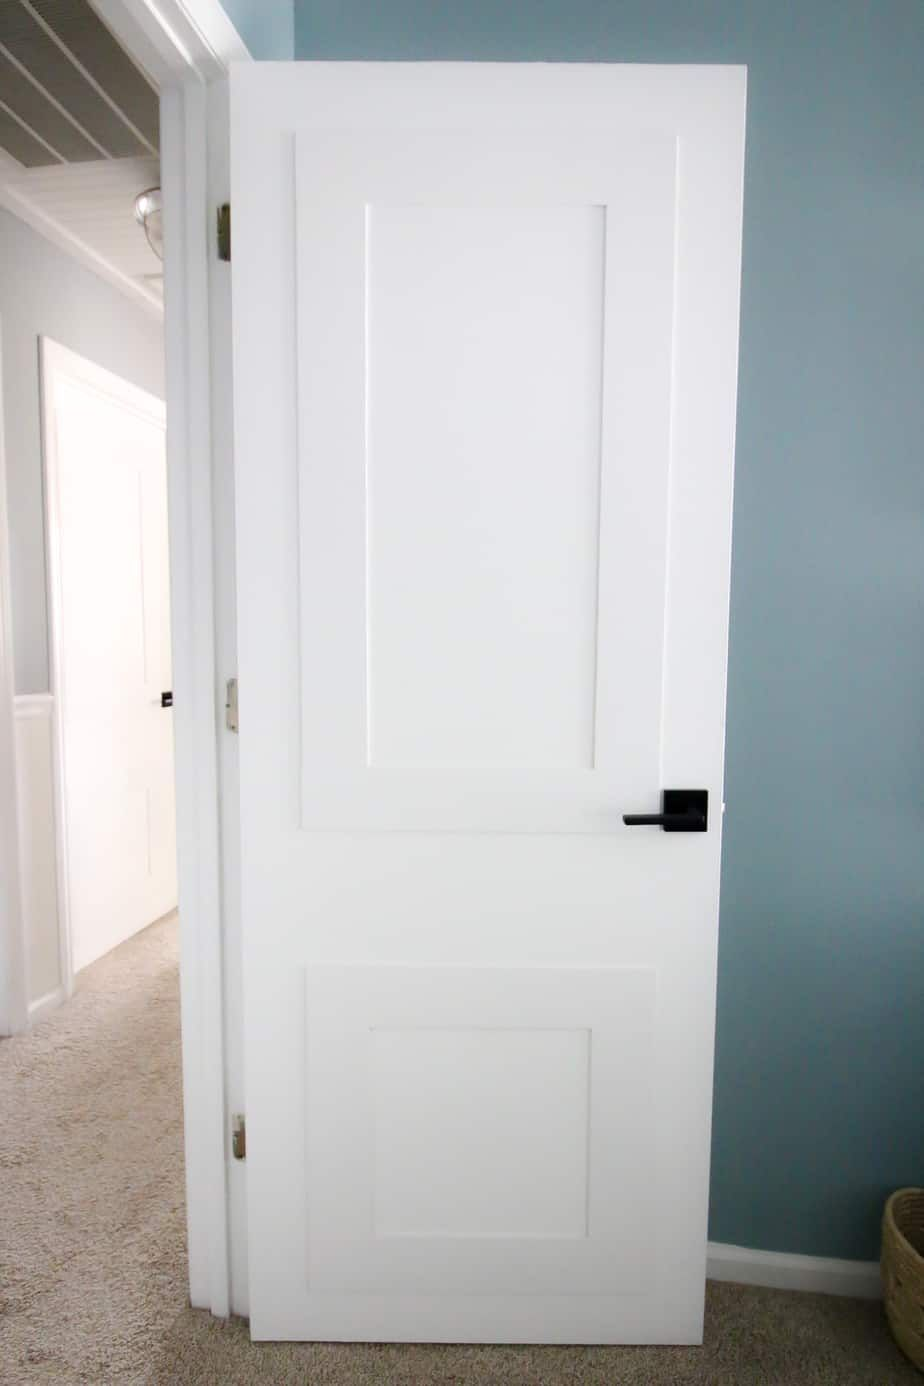 Updating Interior Doors With Molding Diy Interior Doors Doors